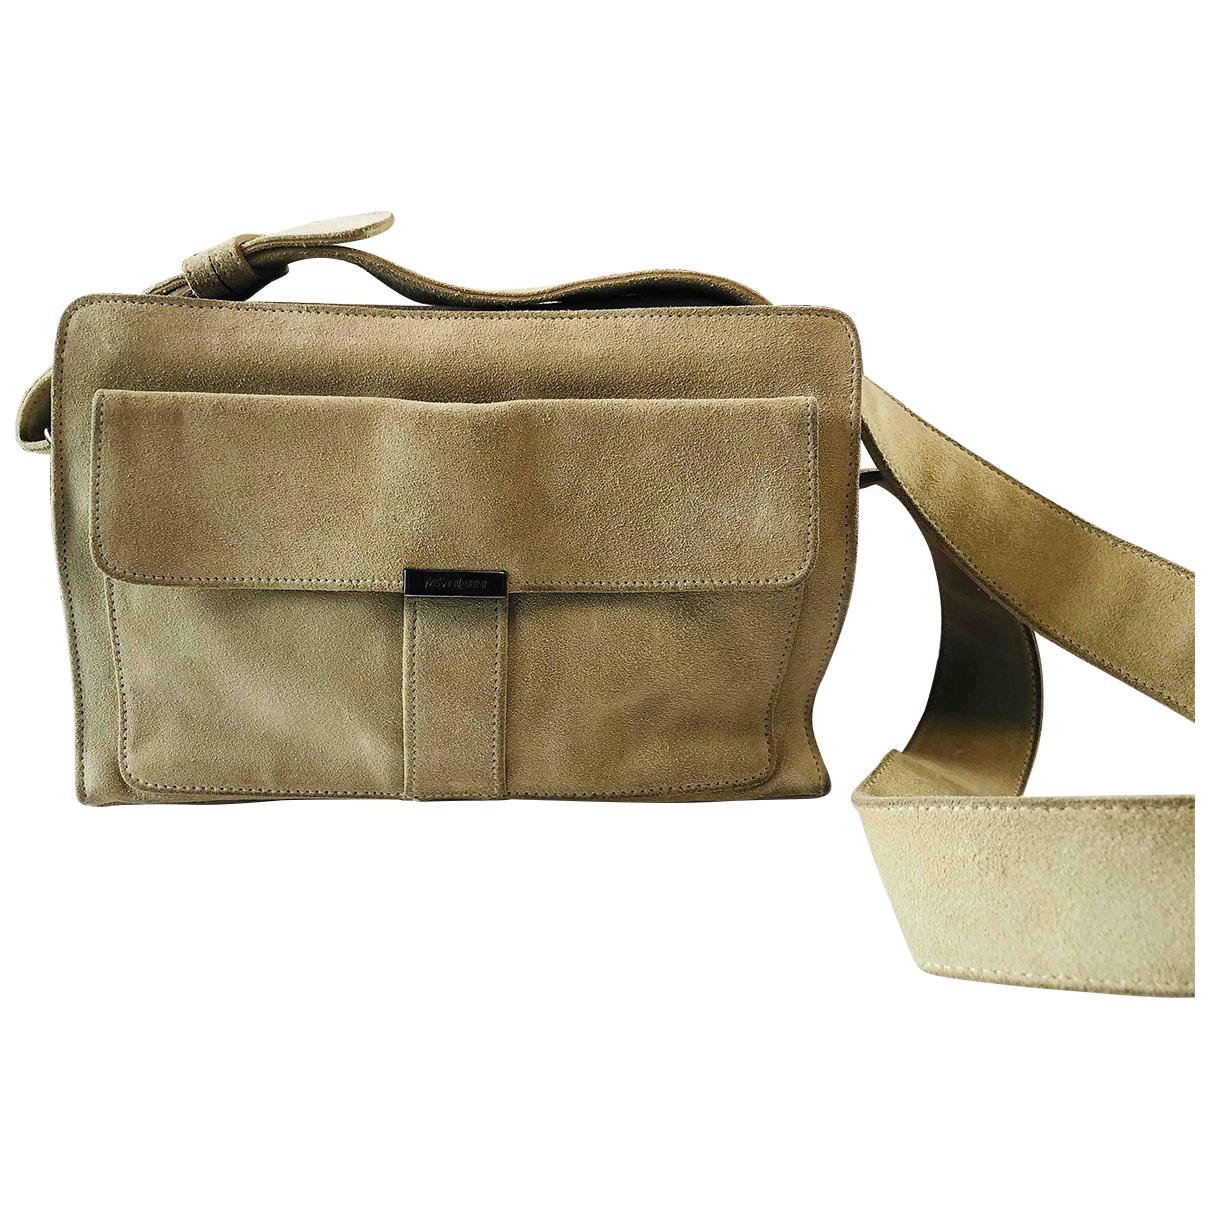 Yves Saint Laurent \N Beige Suede handbag for Women \N